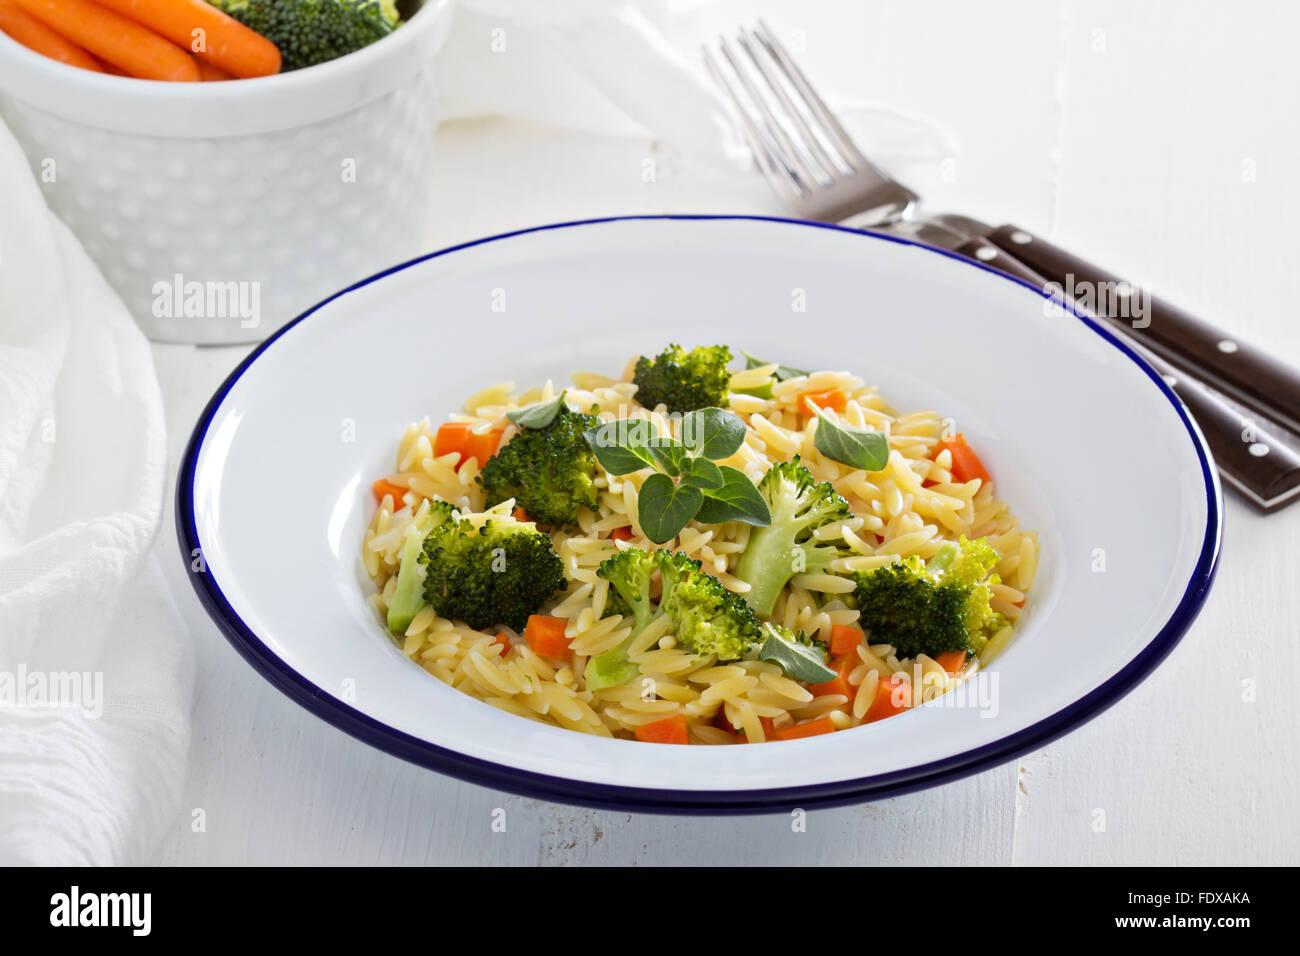 Les pâtes avec le brocoli et la carotte cuite en stock Photo Stock